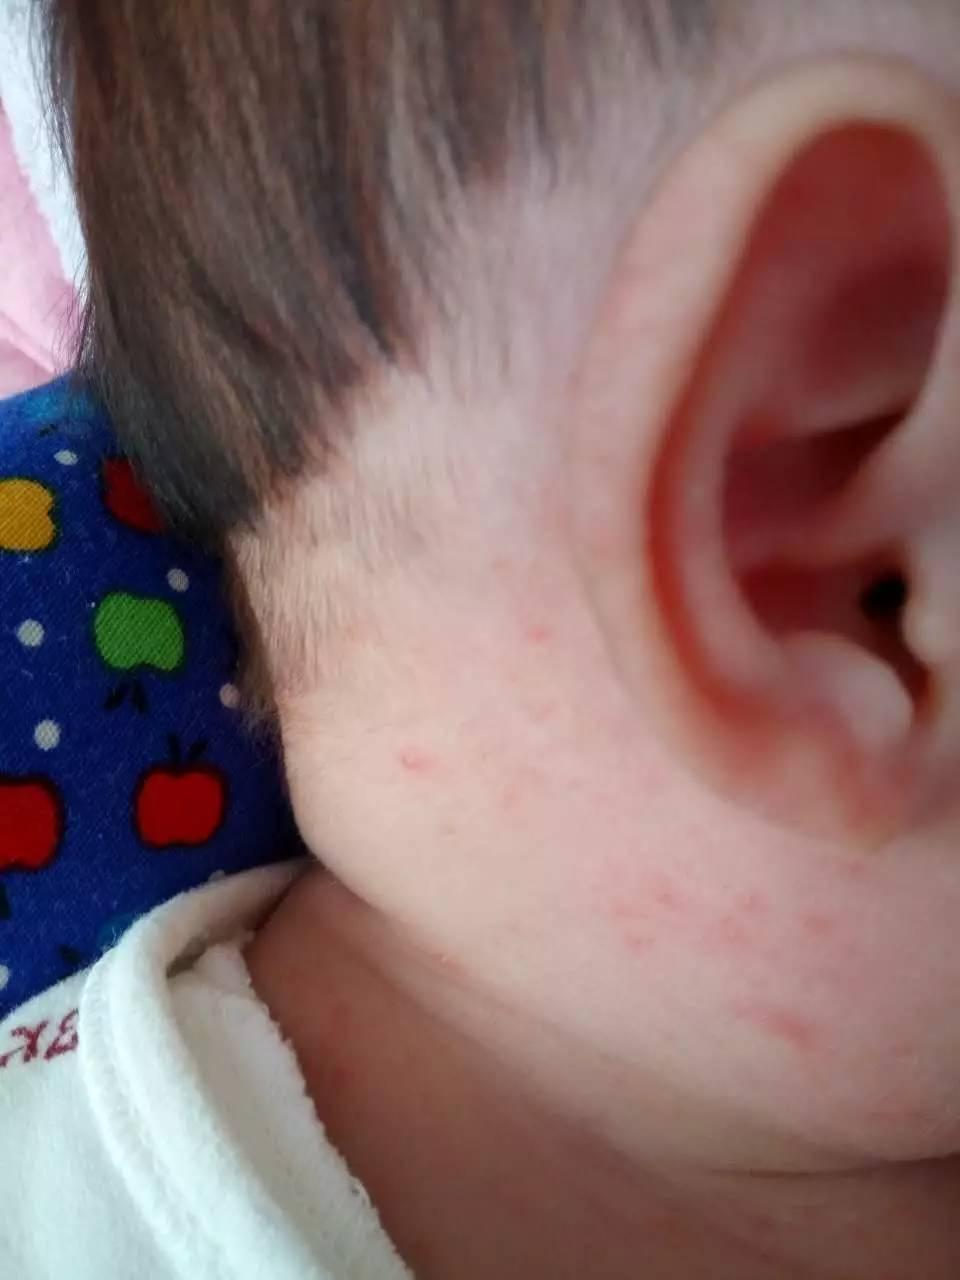 过敏性皮炎湿疹症状